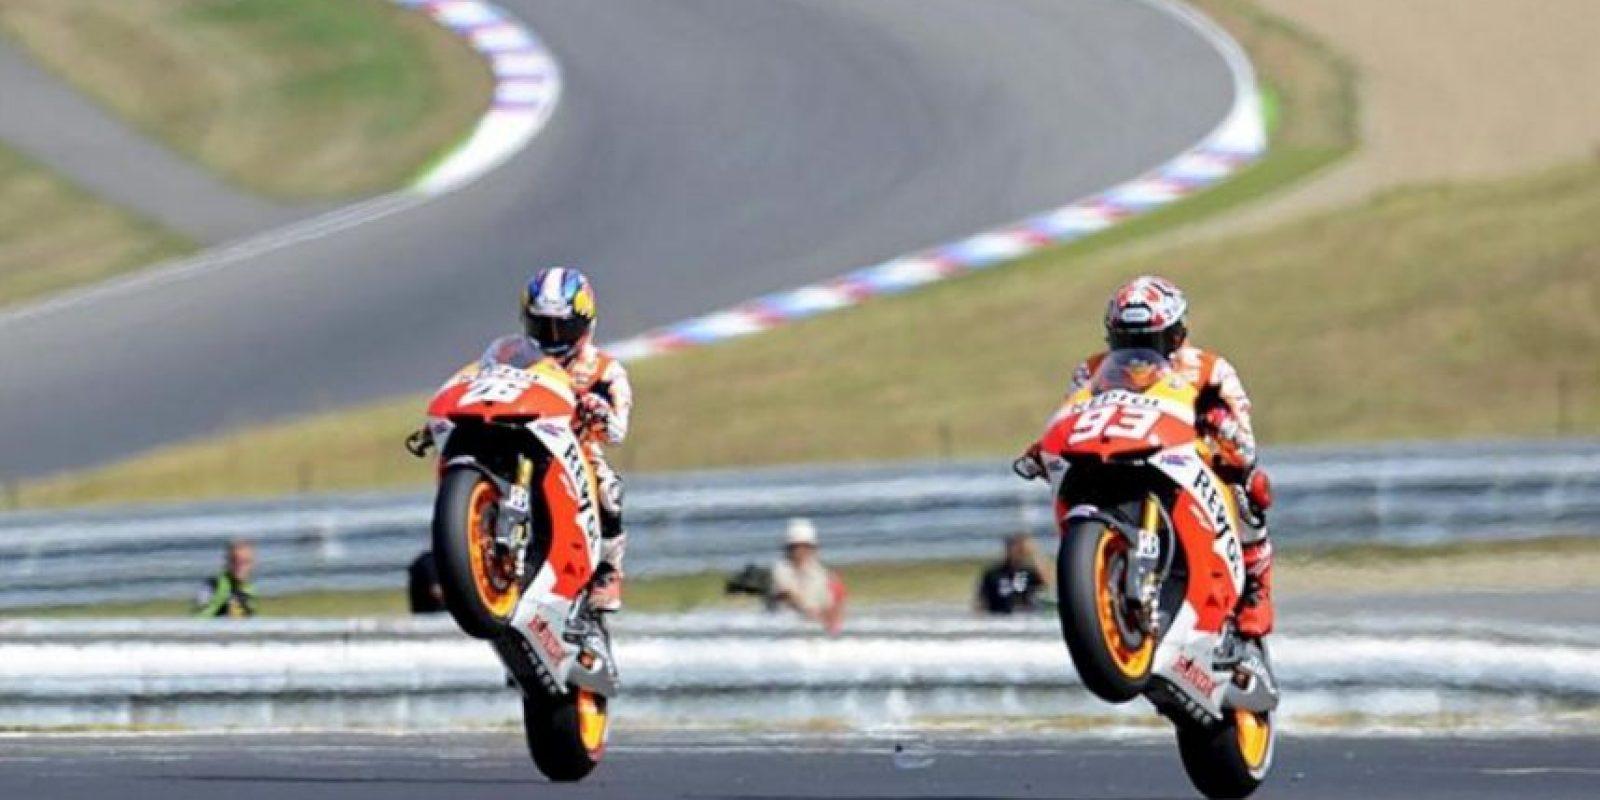 Los pilotos españoles de Moto GP, Marc Márquez (d) y Dani Pedrosa (i) ambos de Honda hacen un caballito tras la segunda sesión de entrenamientos libres para el Gran Premio de la República Checa en el circuito de Masaryk de Brno, República Checa hoy 23 de agosto de 2013. EFE